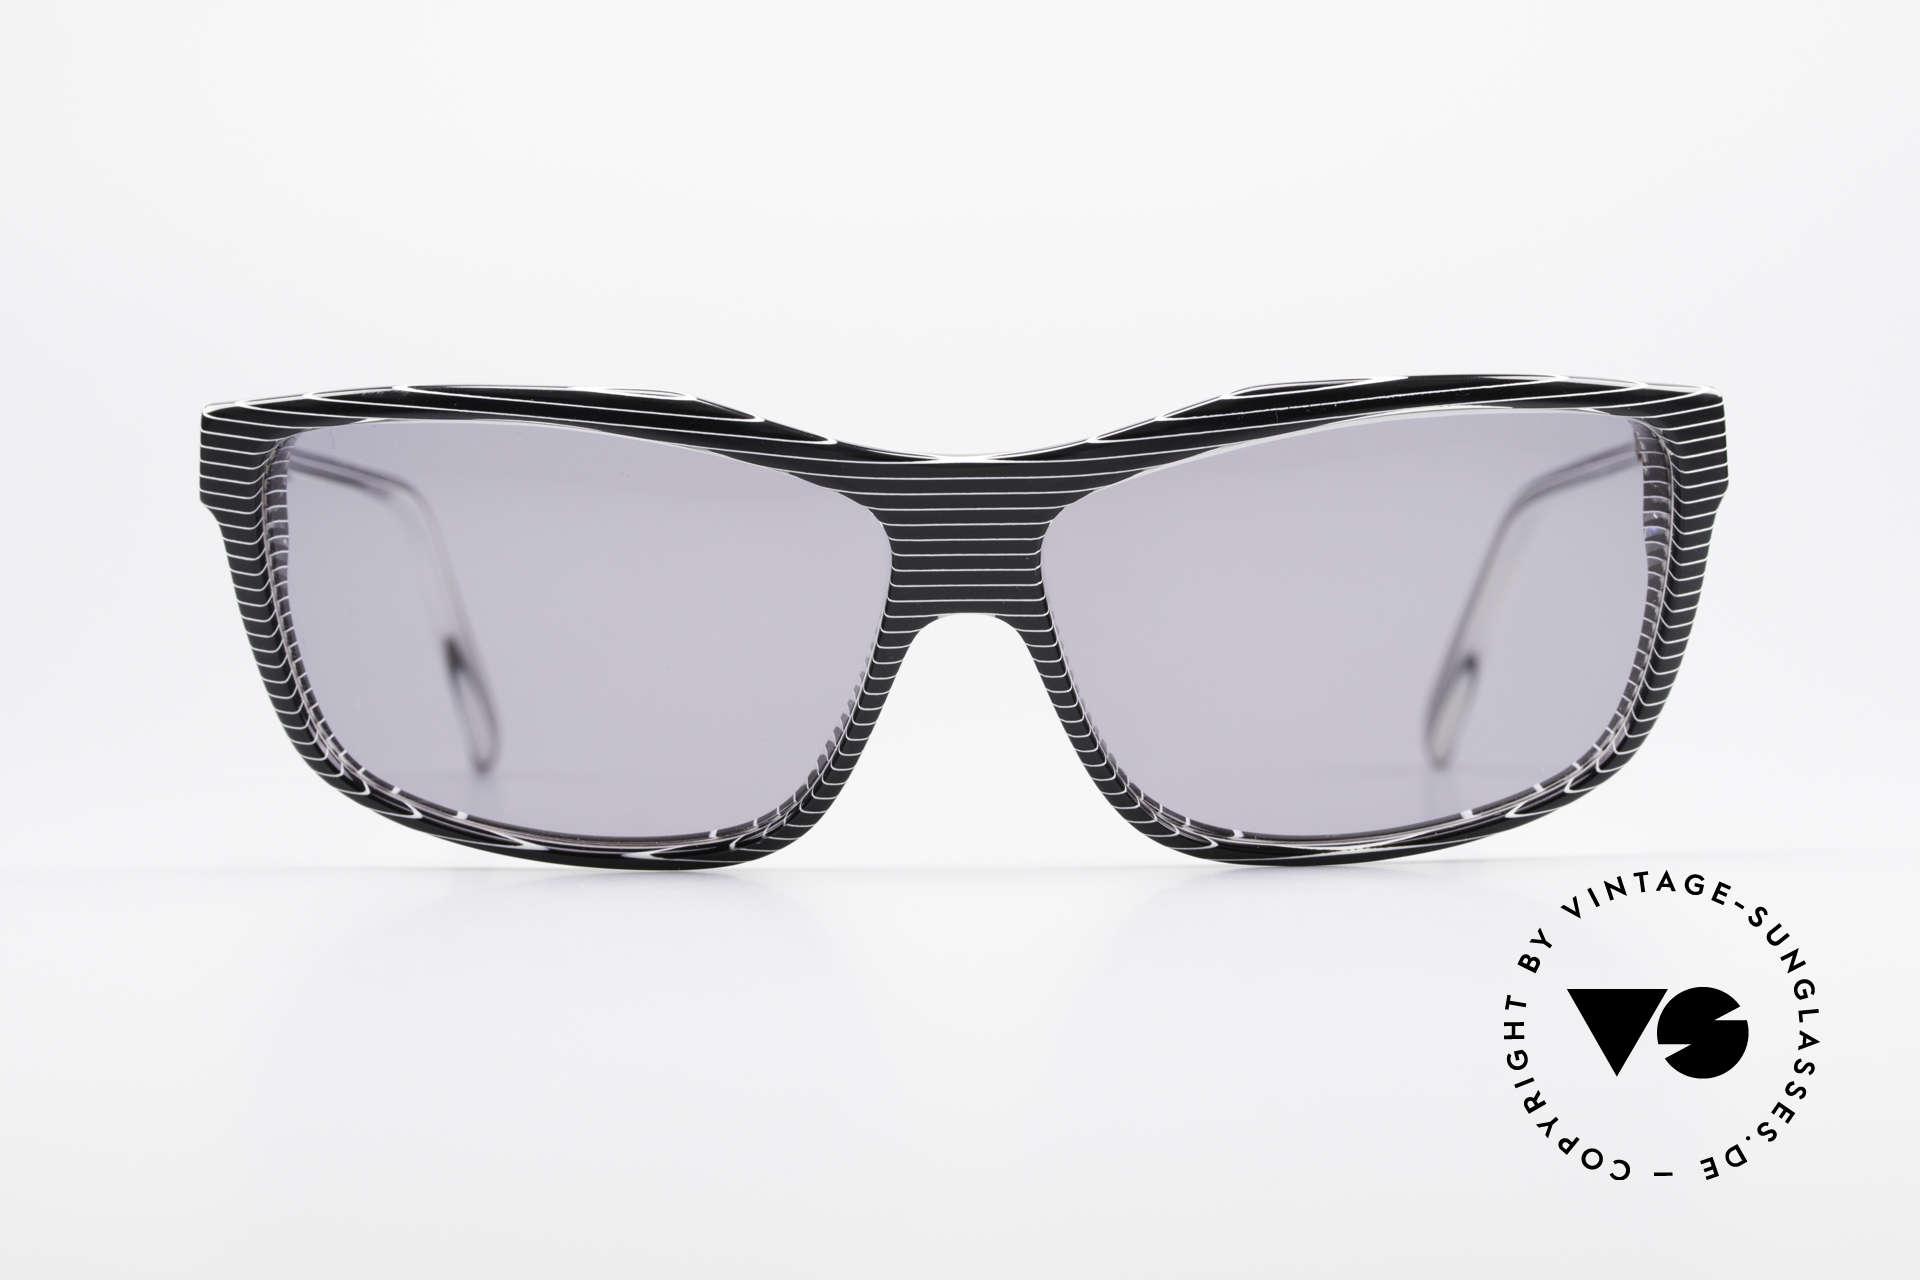 Alain Mikli 701 / 986 Rare Designer Sonnenbrille, spektakuläres Rahmenmuster: kristall / grau- gestreift, Passend für Damen